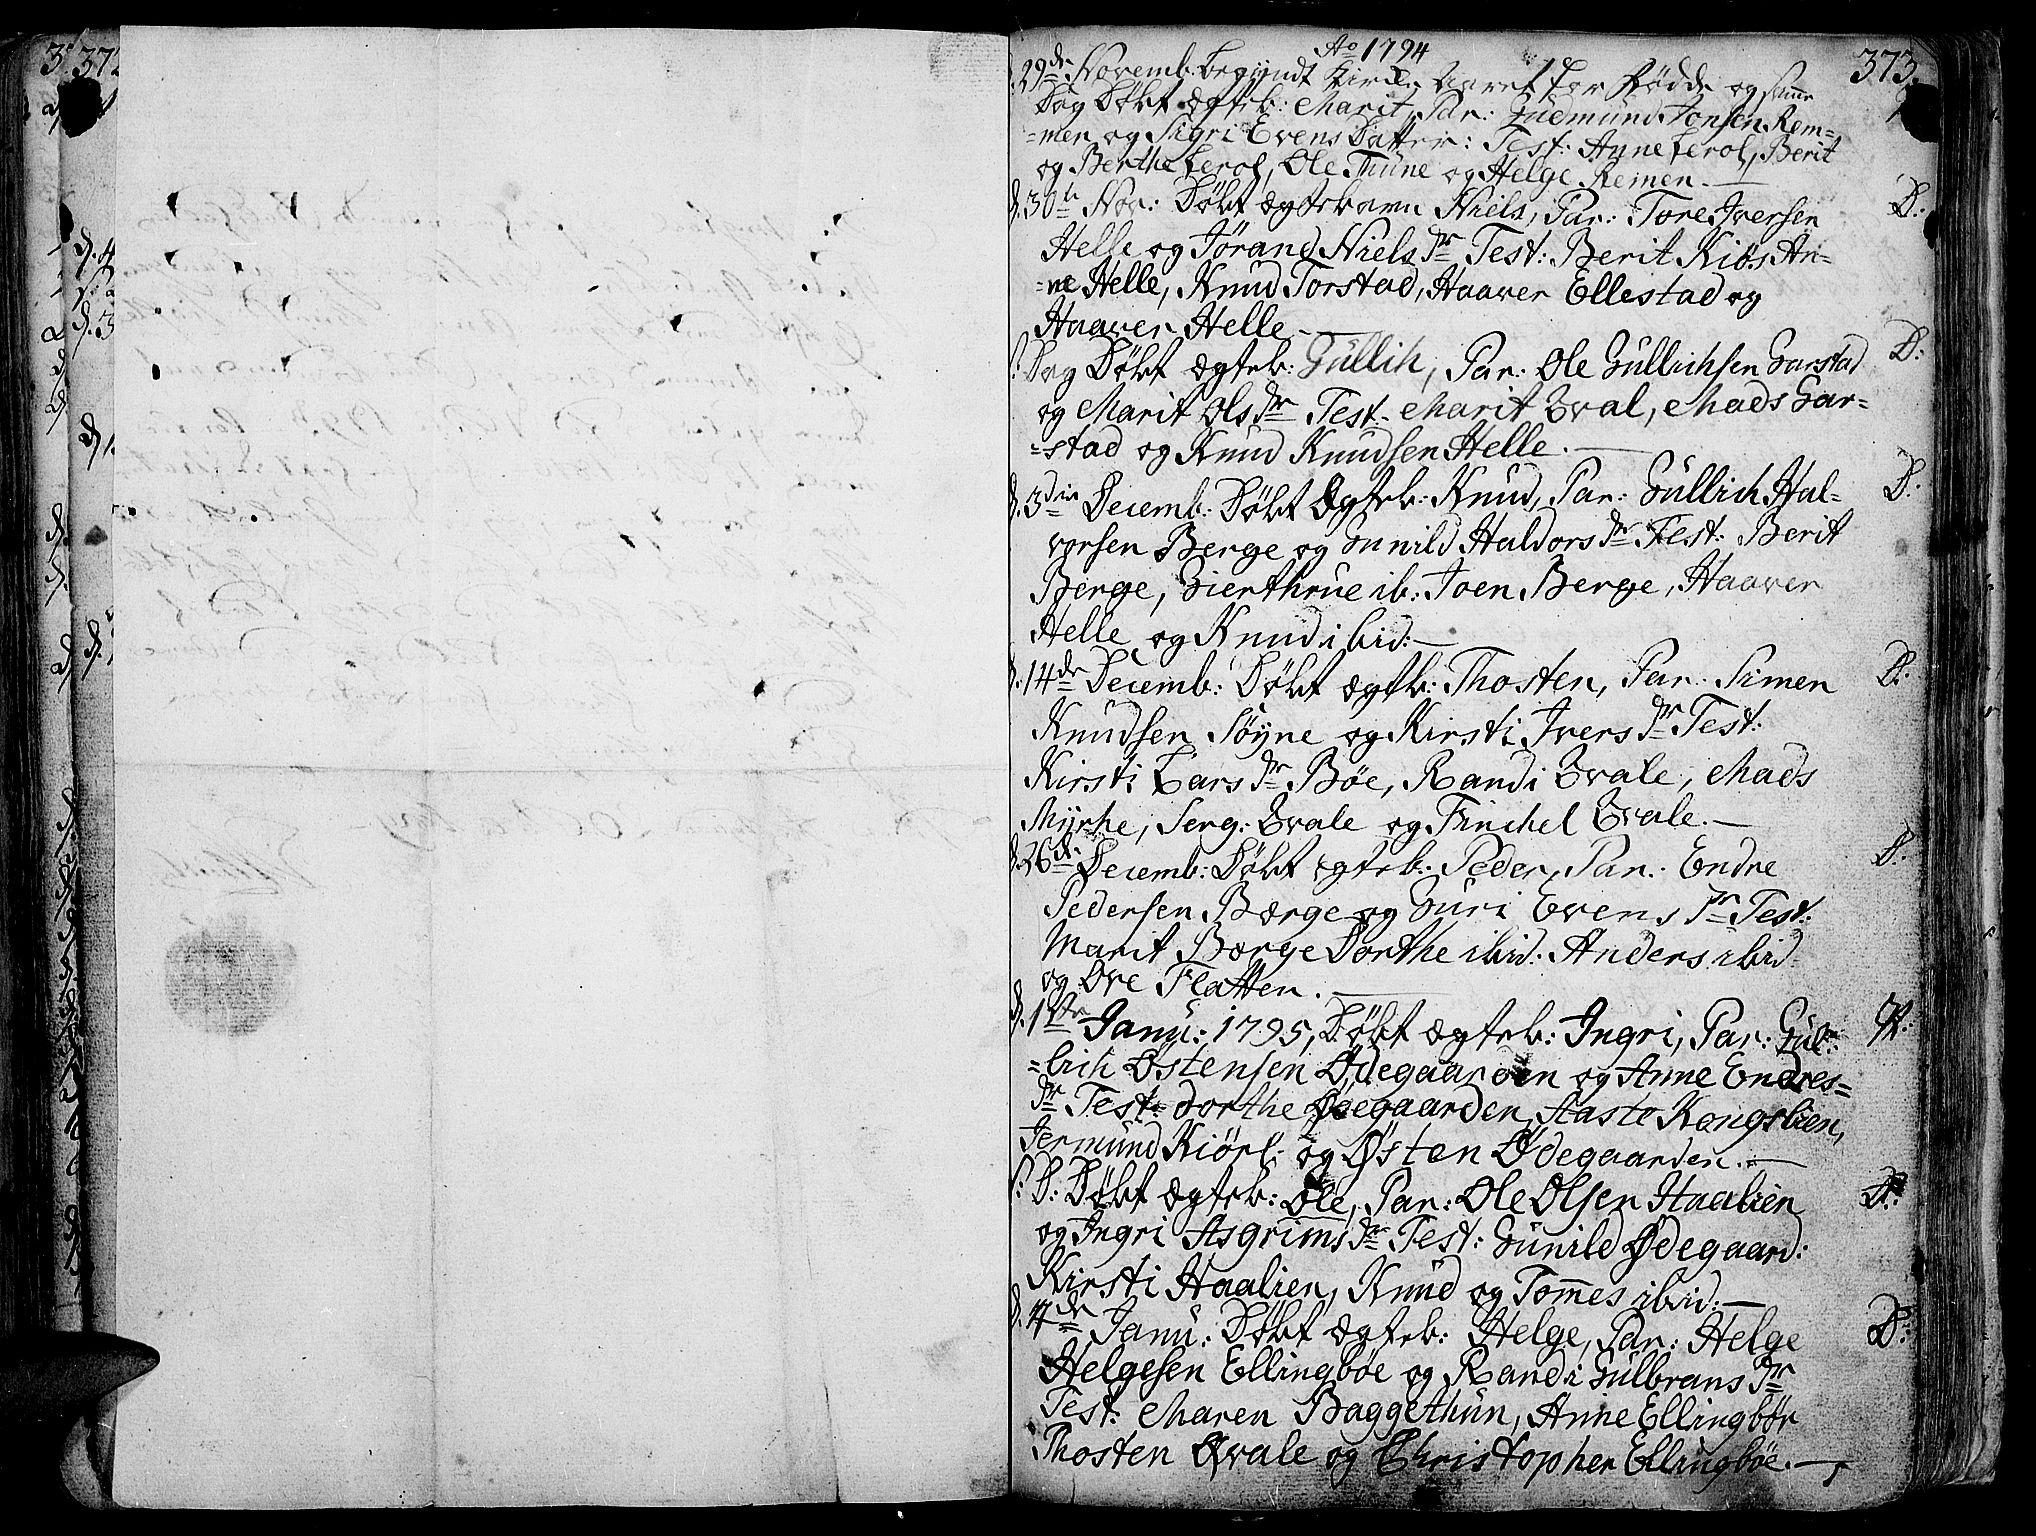 SAH, Vang prestekontor, Valdres, Ministerialbok nr. 1, 1730-1796, s. 373